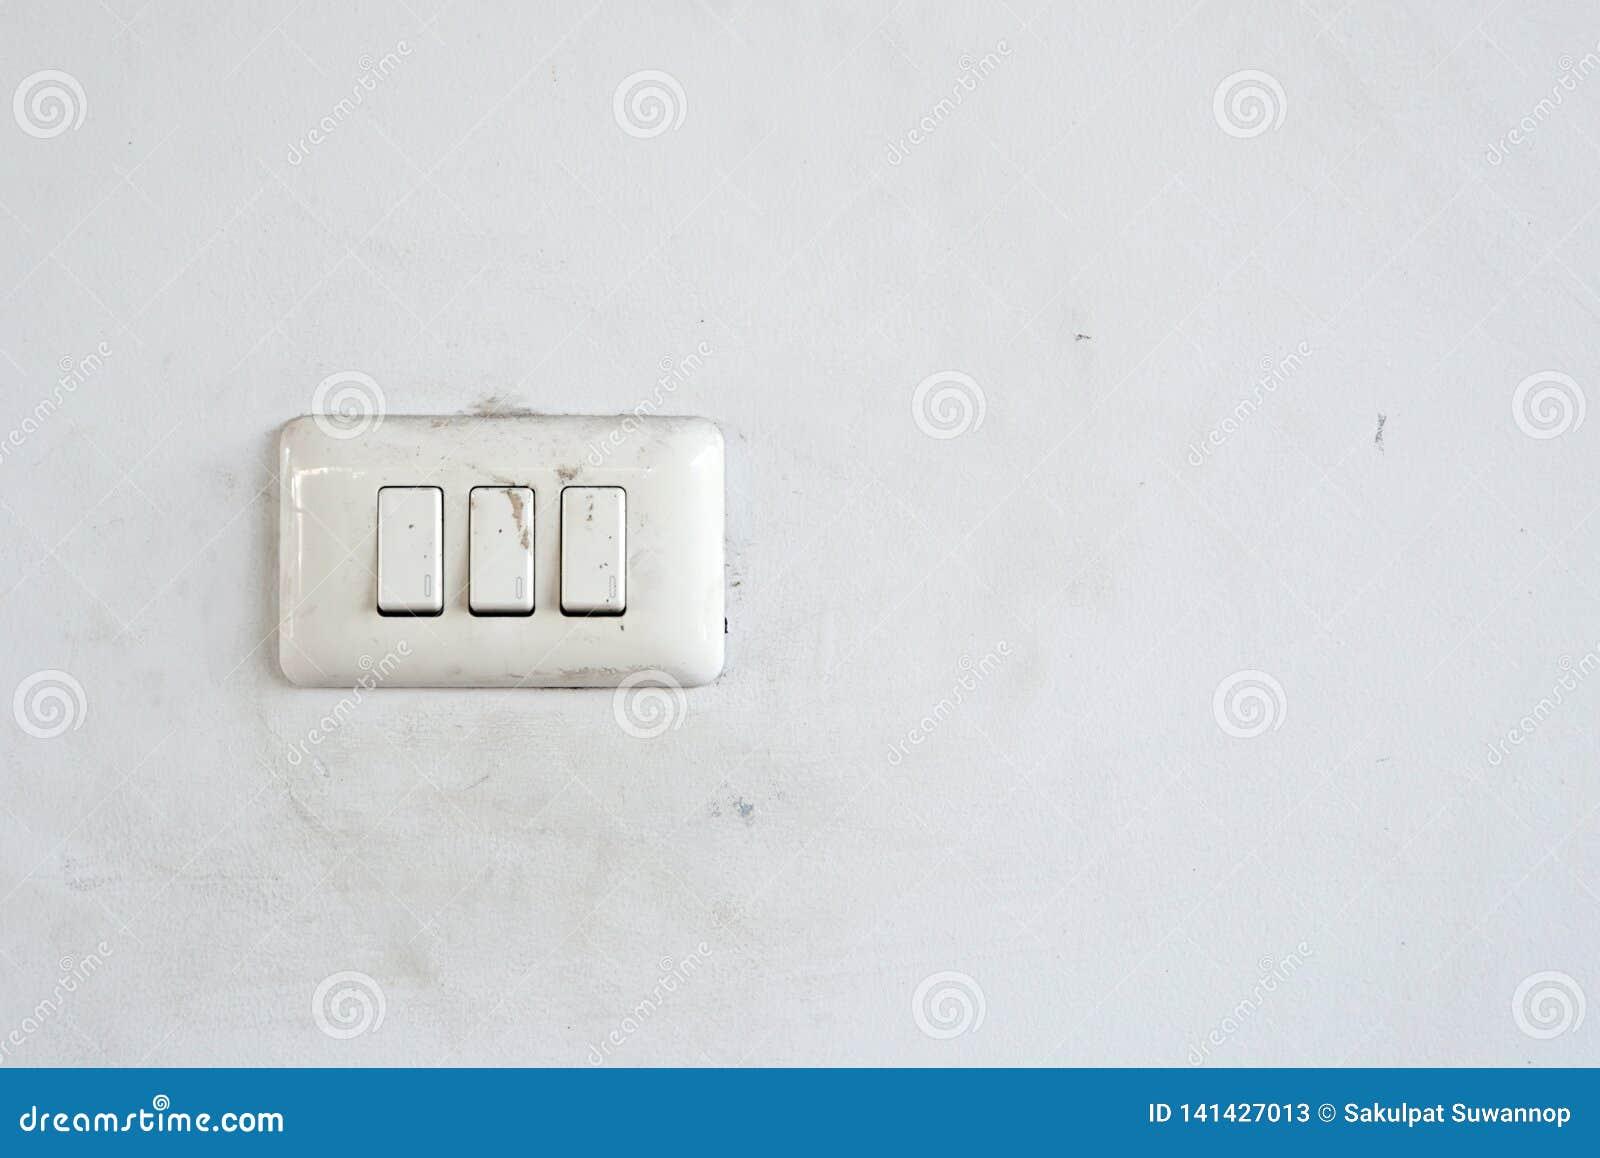 Desligue o interruptor com o espaço